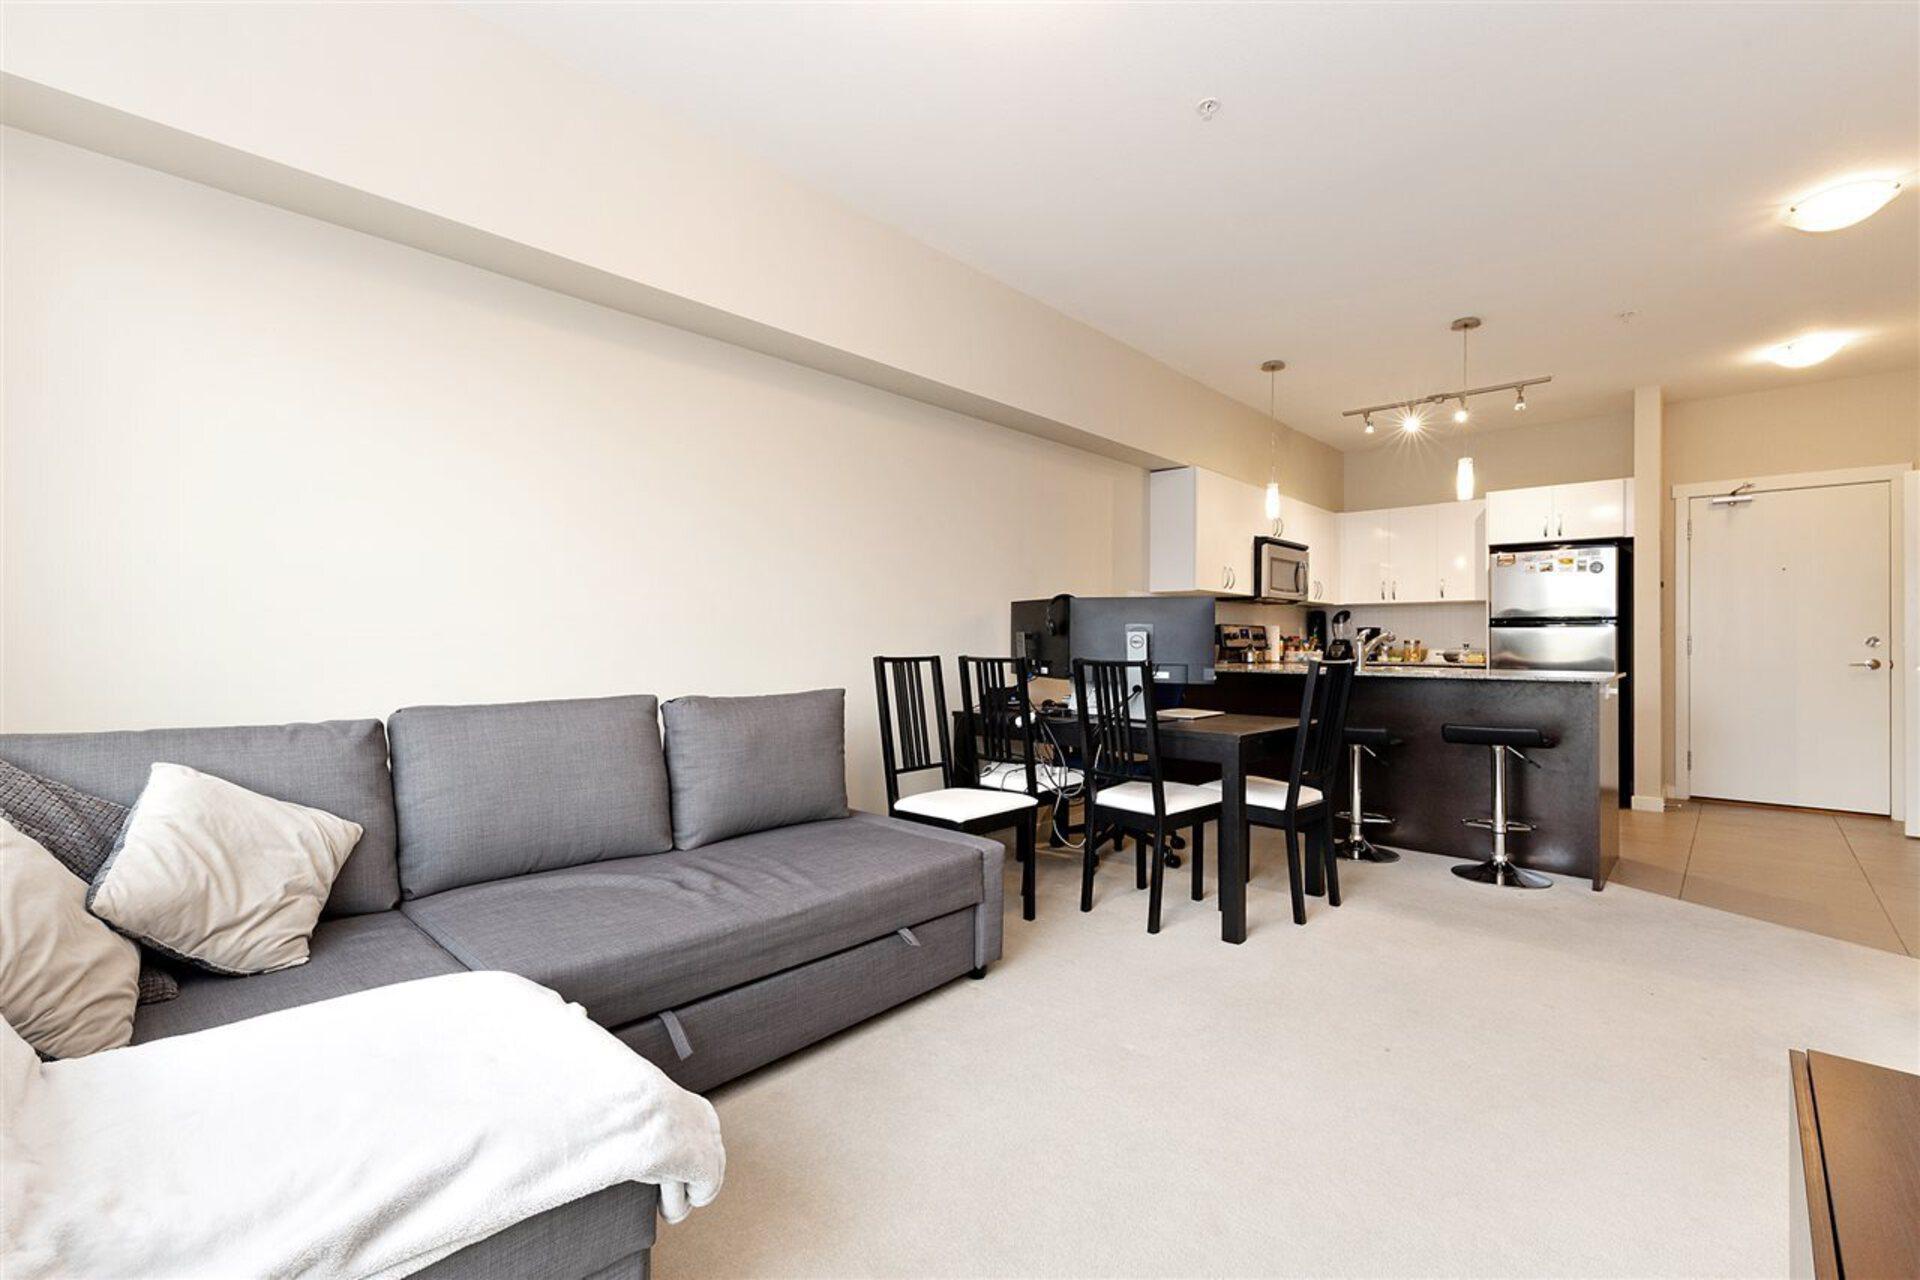 13728-108-avenue-whalley-north-surrey-04 at 434 - 13728 108 Avenue, Whalley, North Surrey